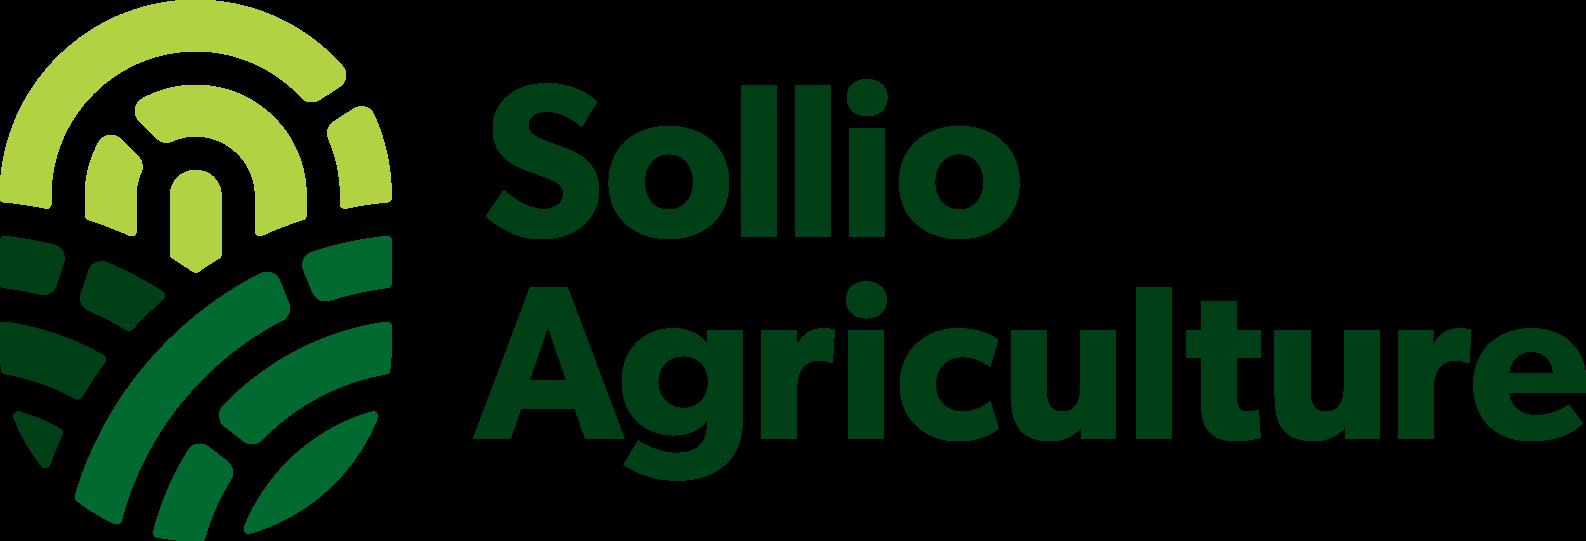 Sollio Agriculture